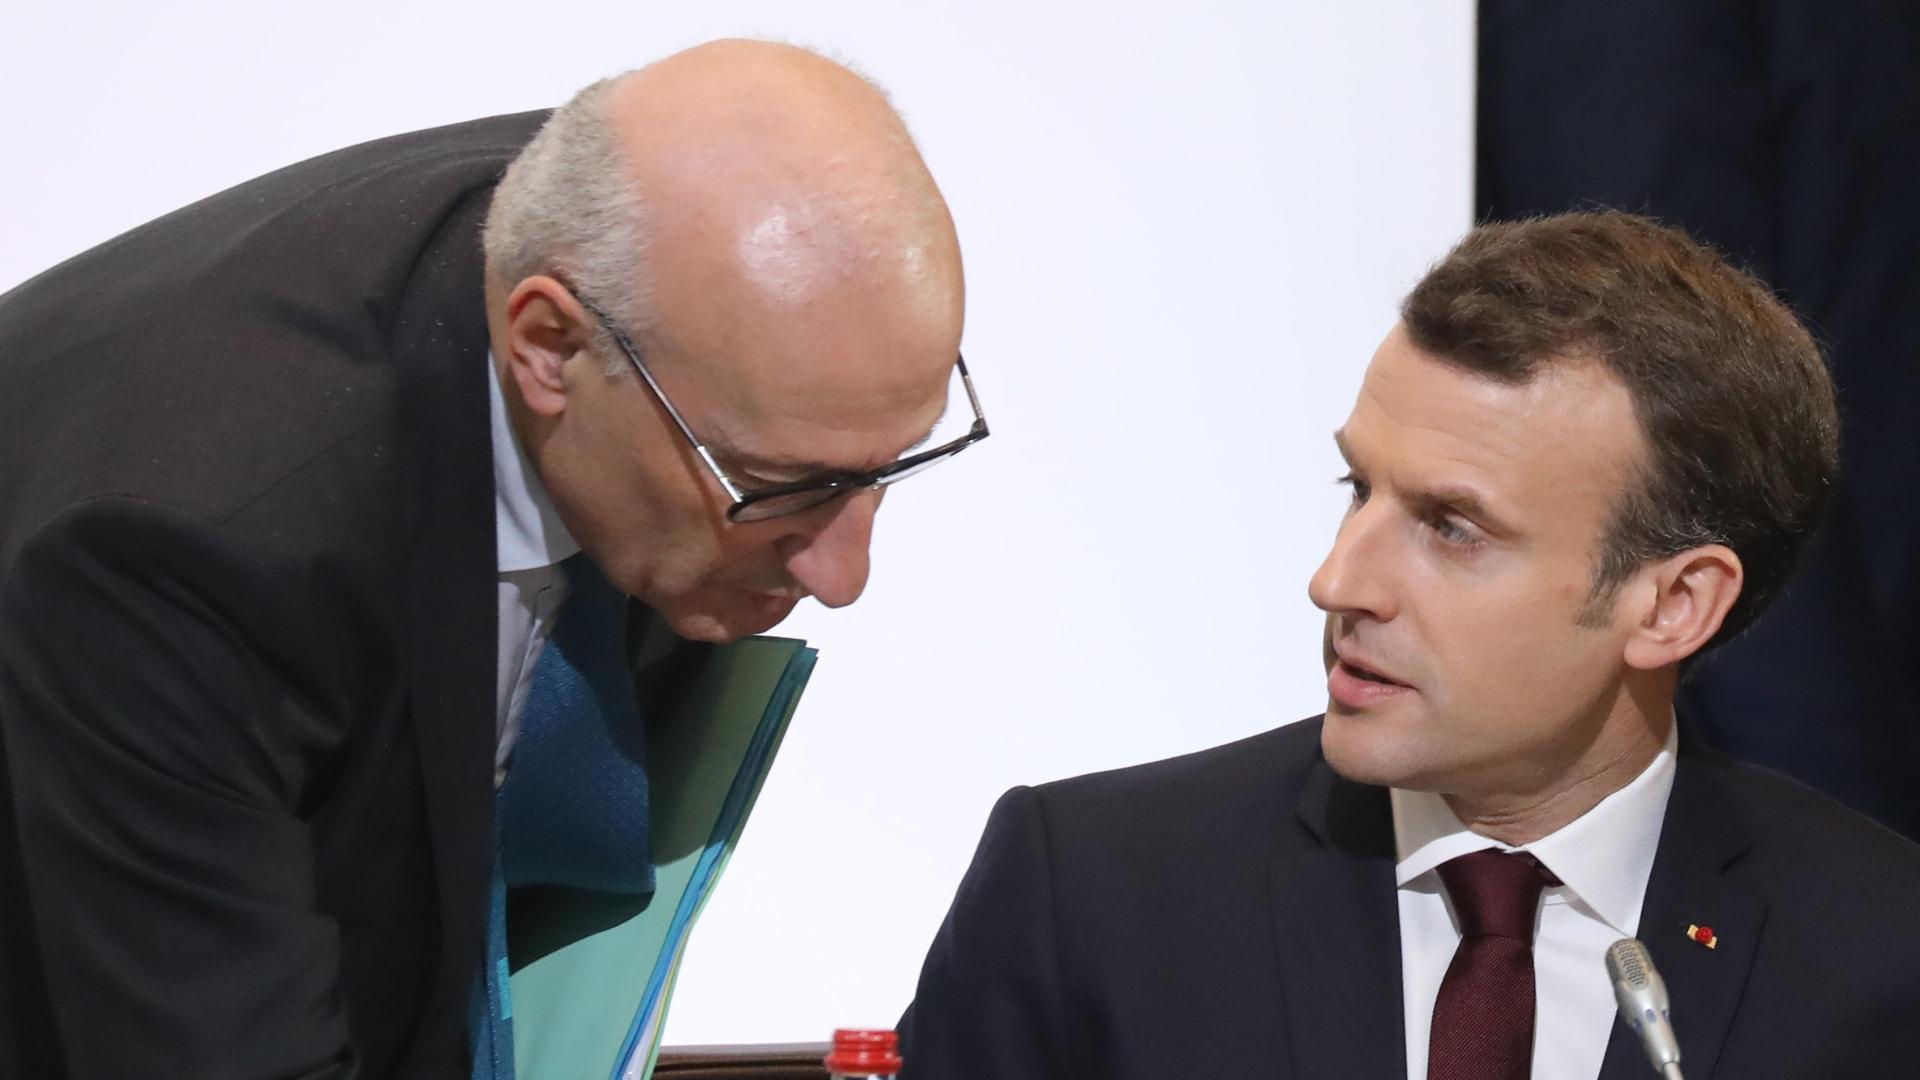 سفير فرنسا لدى أمريكا يوضح معنى استدعائه ويؤكد: نناقش الخطوات التالية